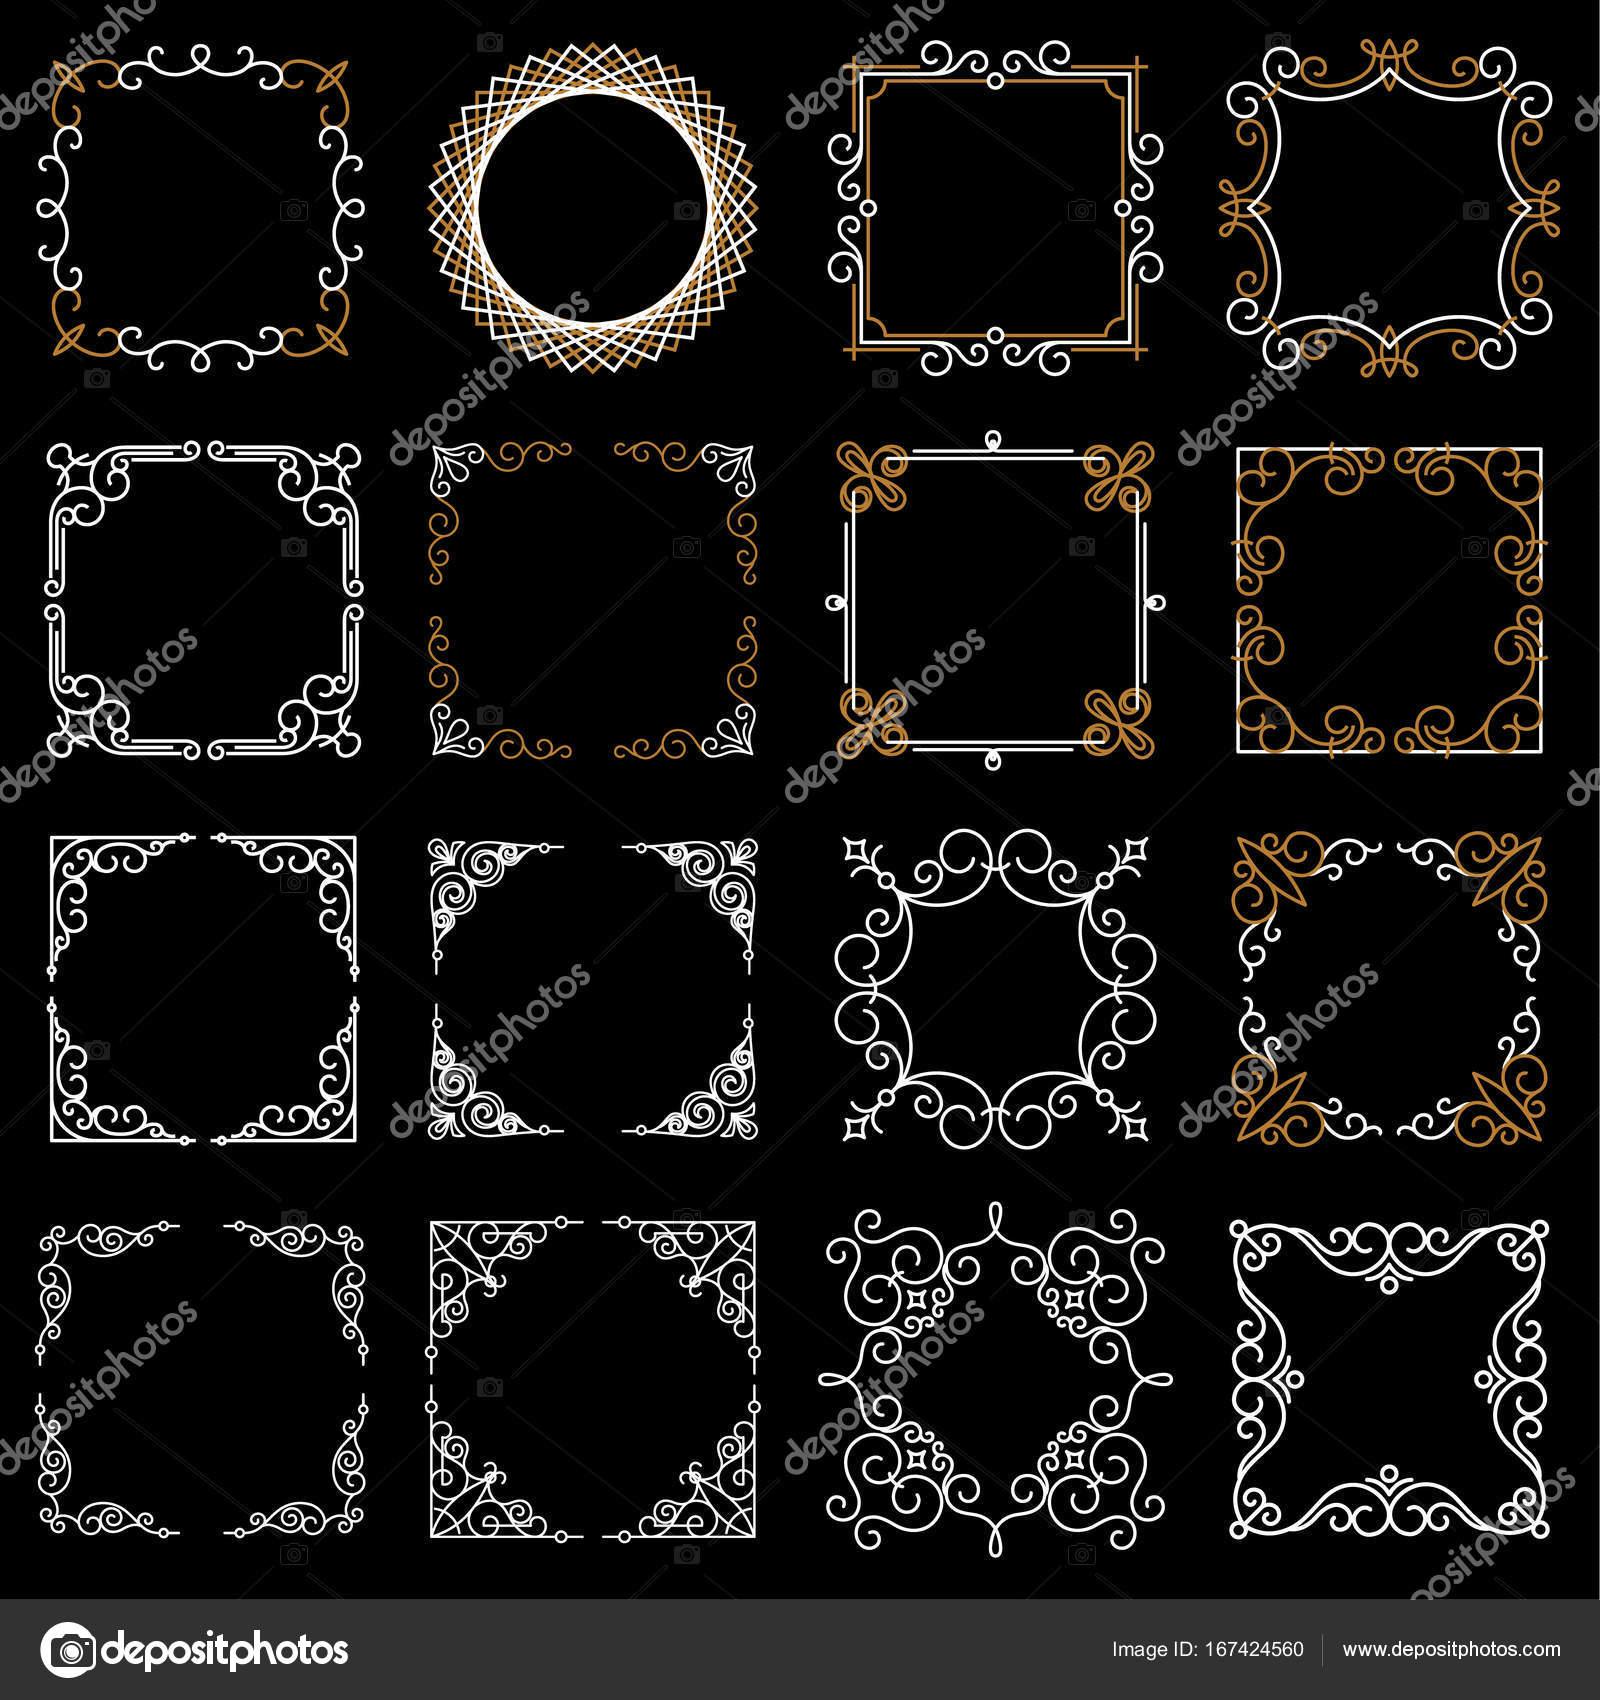 Nett Rahmen Zu Setzen Bilder In Fotos - Benutzerdefinierte ...